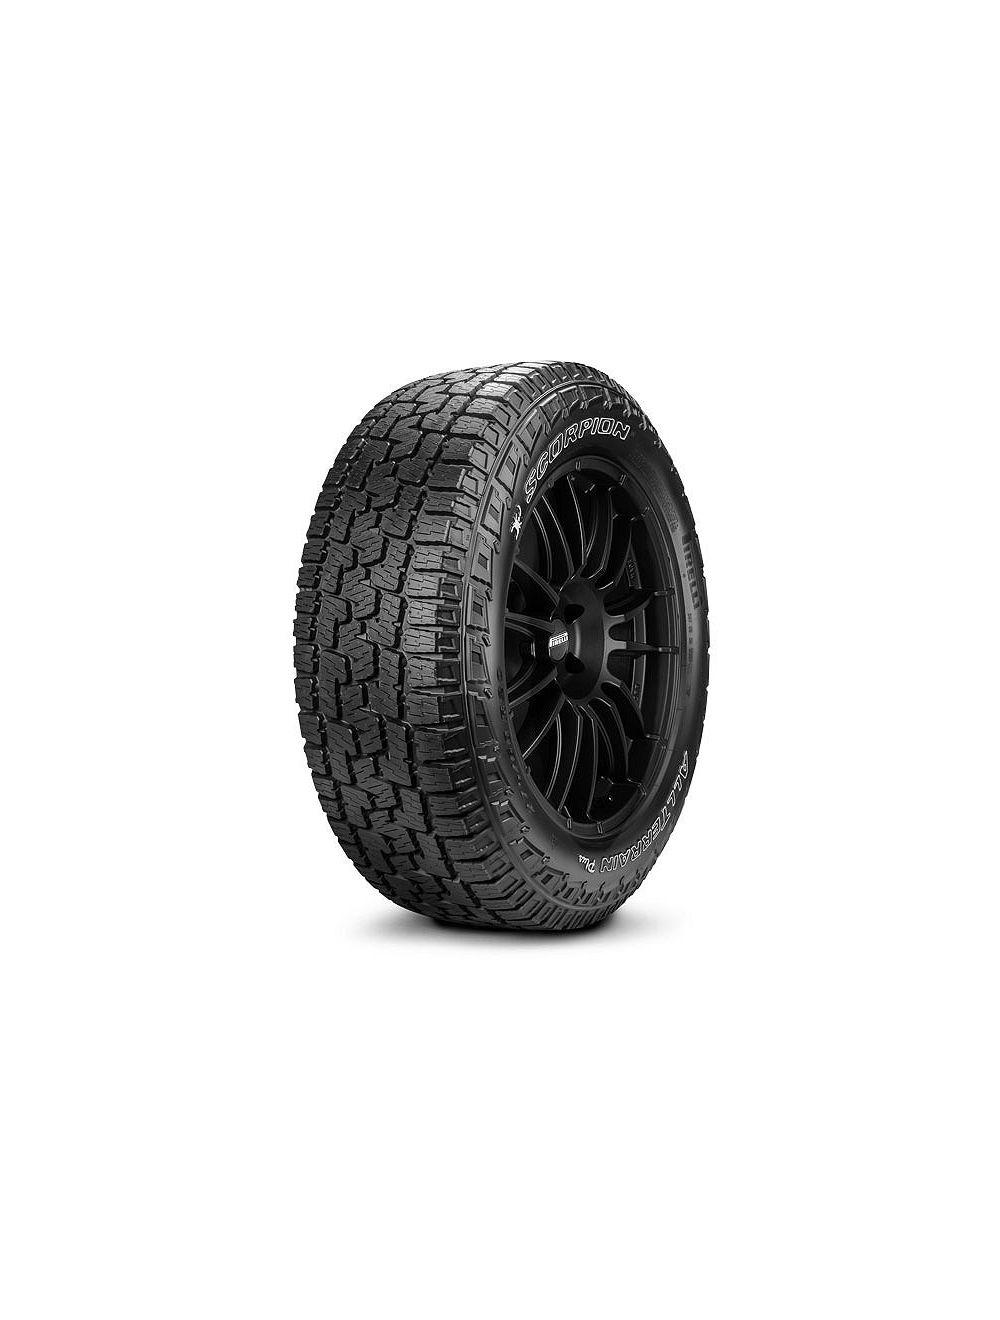 Pirelli 245/70R17 T Scorpion A/T Plus Nyári gumi